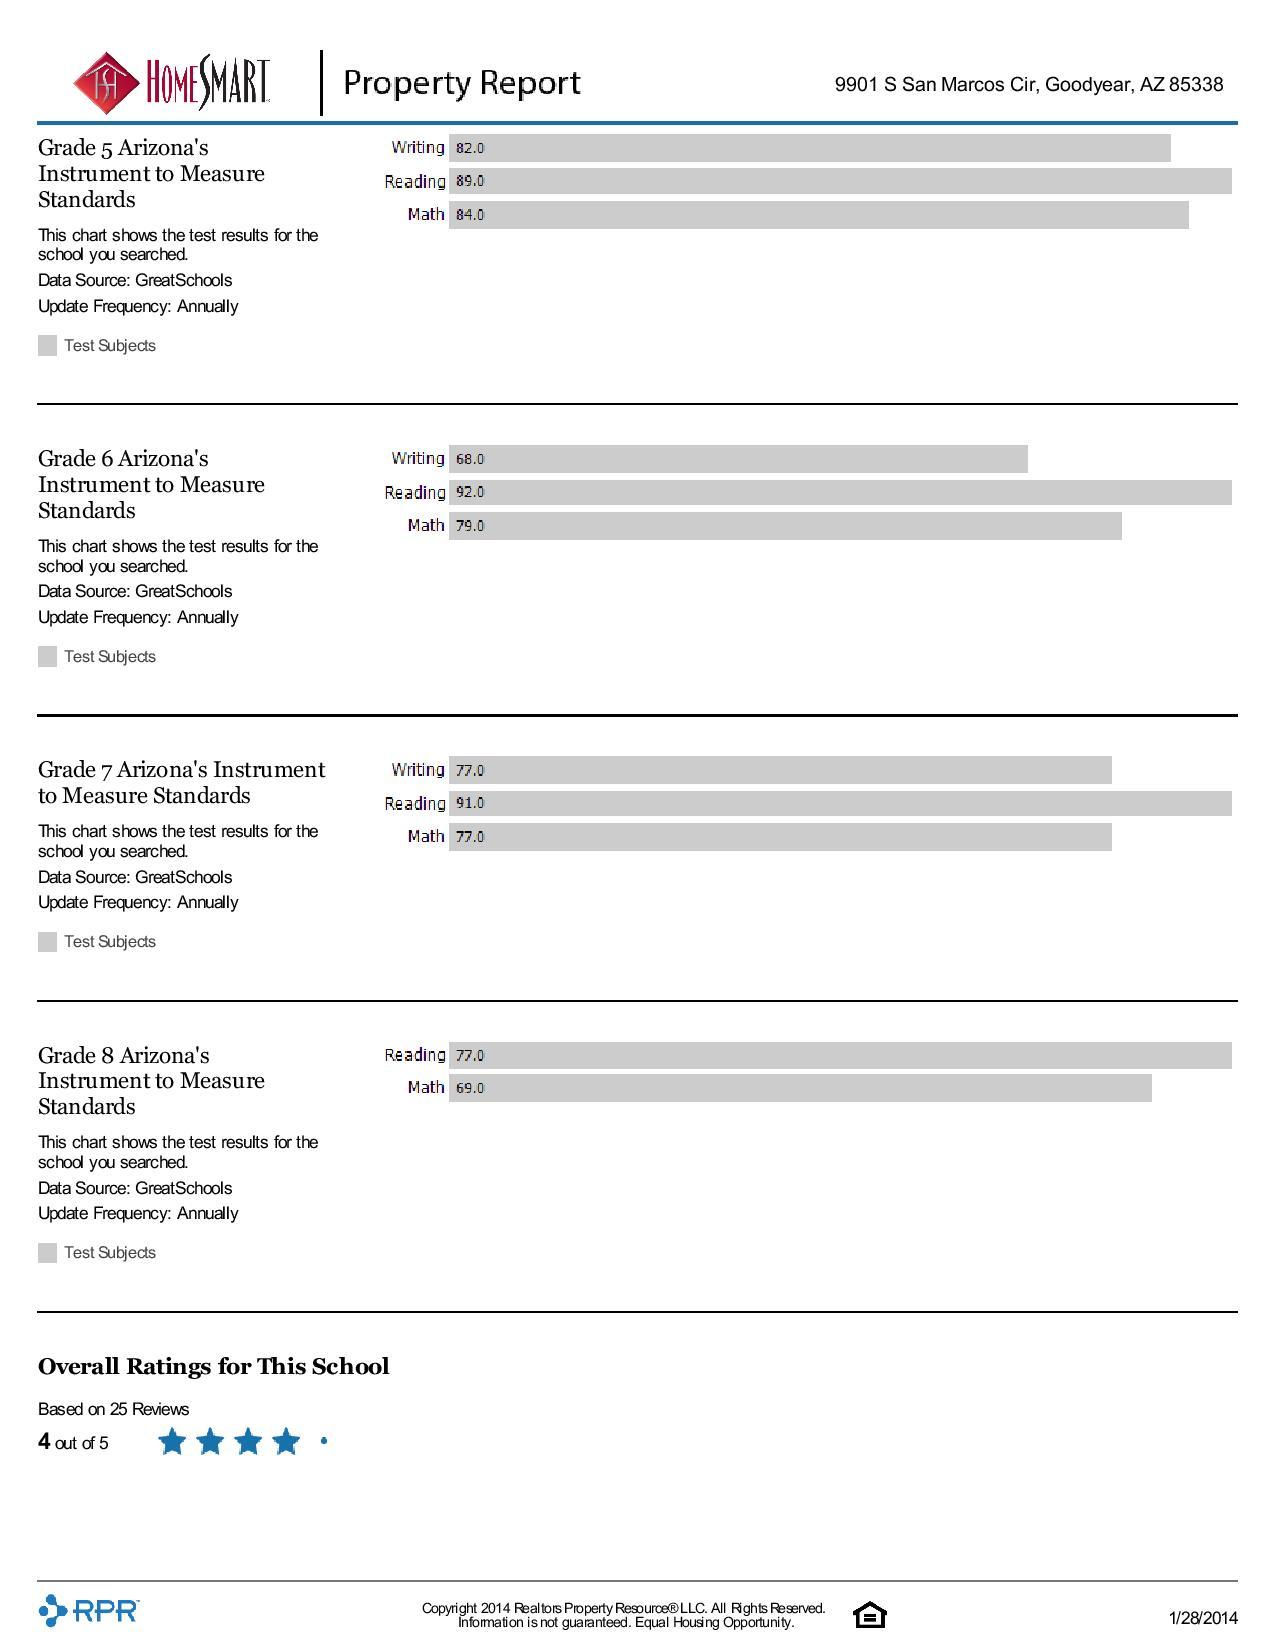 9901-S-San-Marcos-Cir-Goodyear-AZ-85338.pdf-page-013